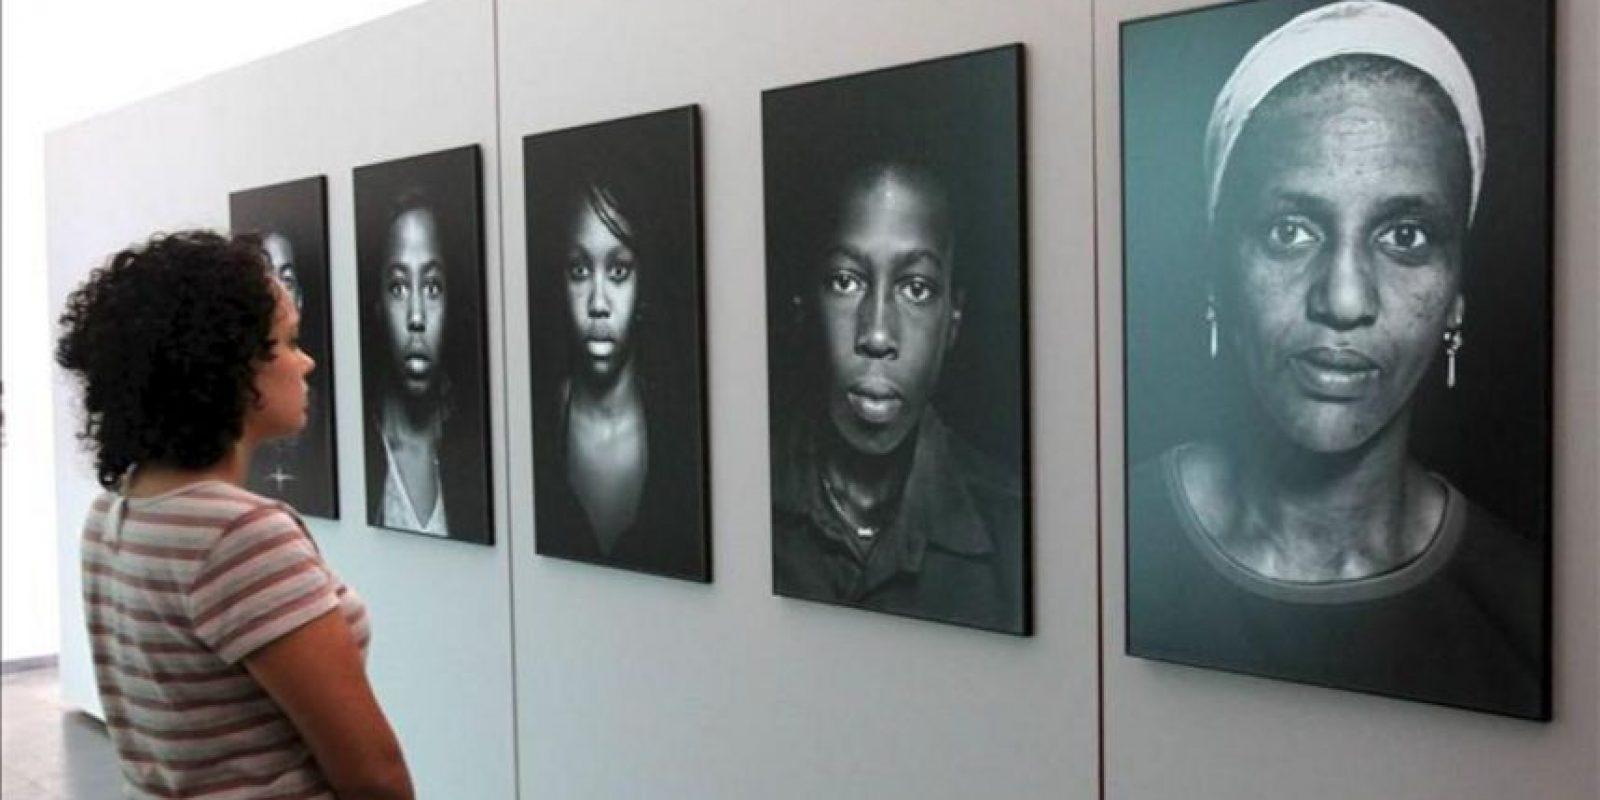 """Una mujer observa varias fotografías de la exposición """"Peso y levedad. Fotografía latinoamericana entre el humanismo y la violencia"""" en el Instituto Cervantes de Río de Janeiro (Brasil). EFE"""